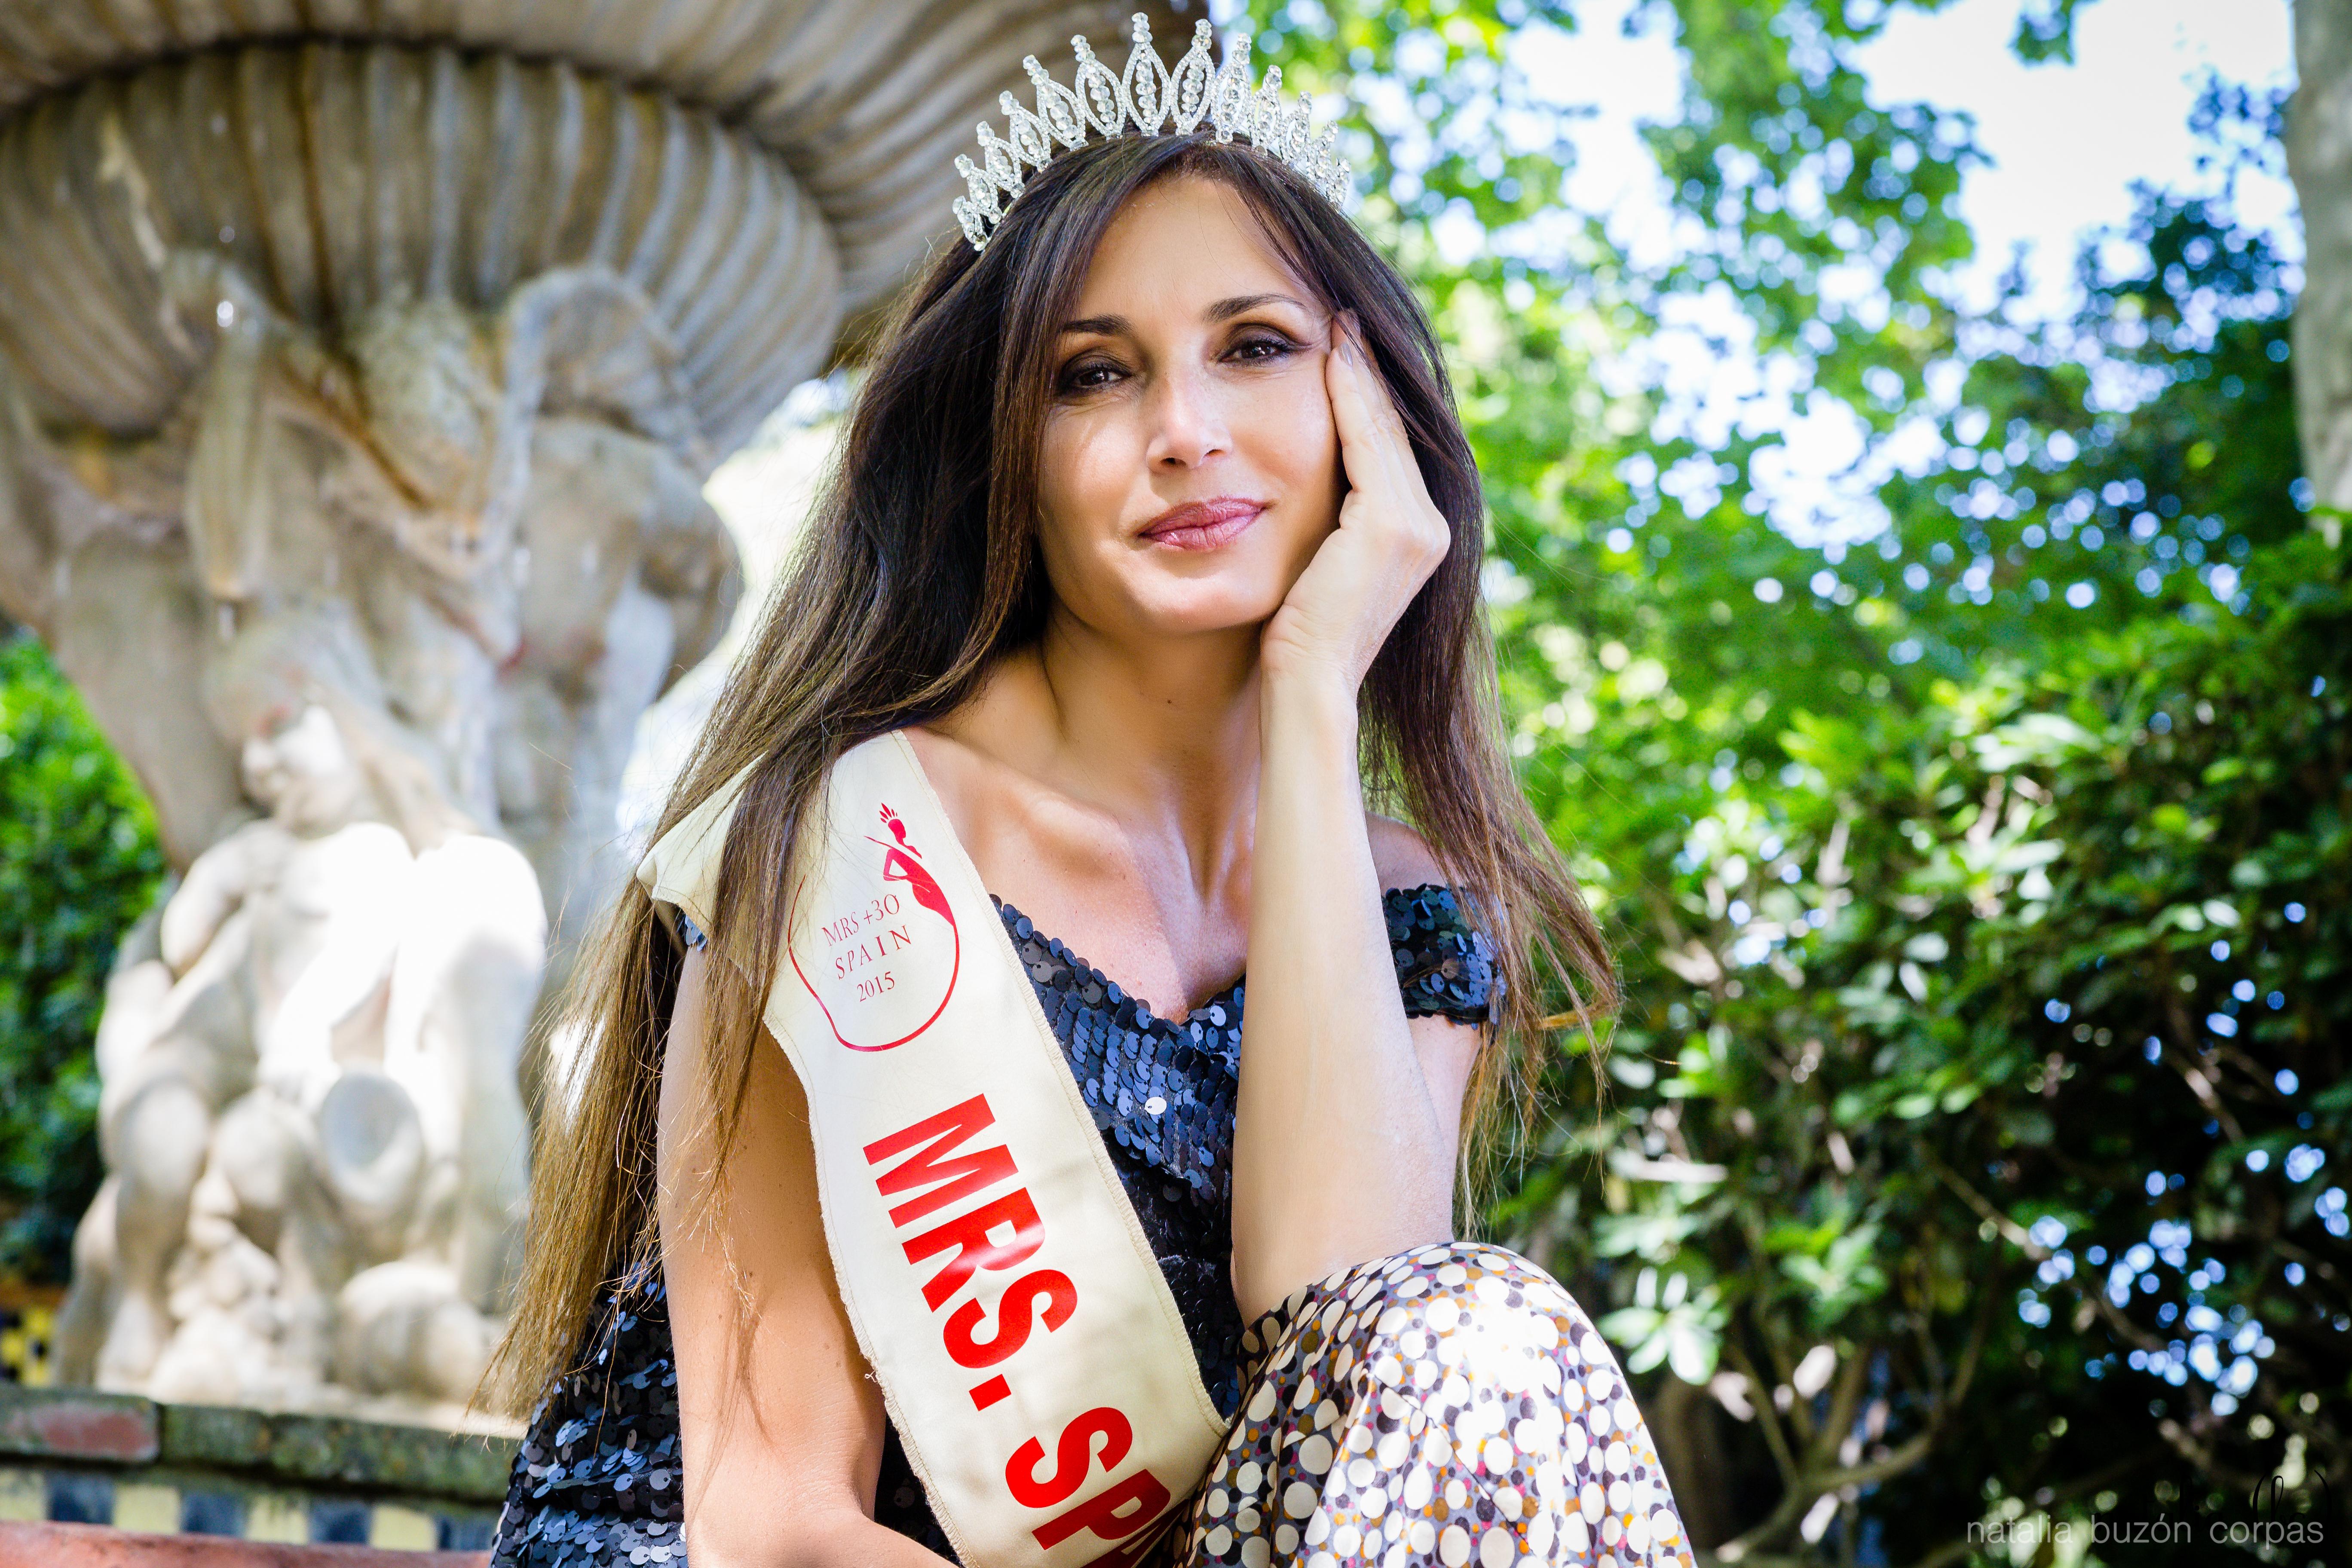 Miss Spain +50